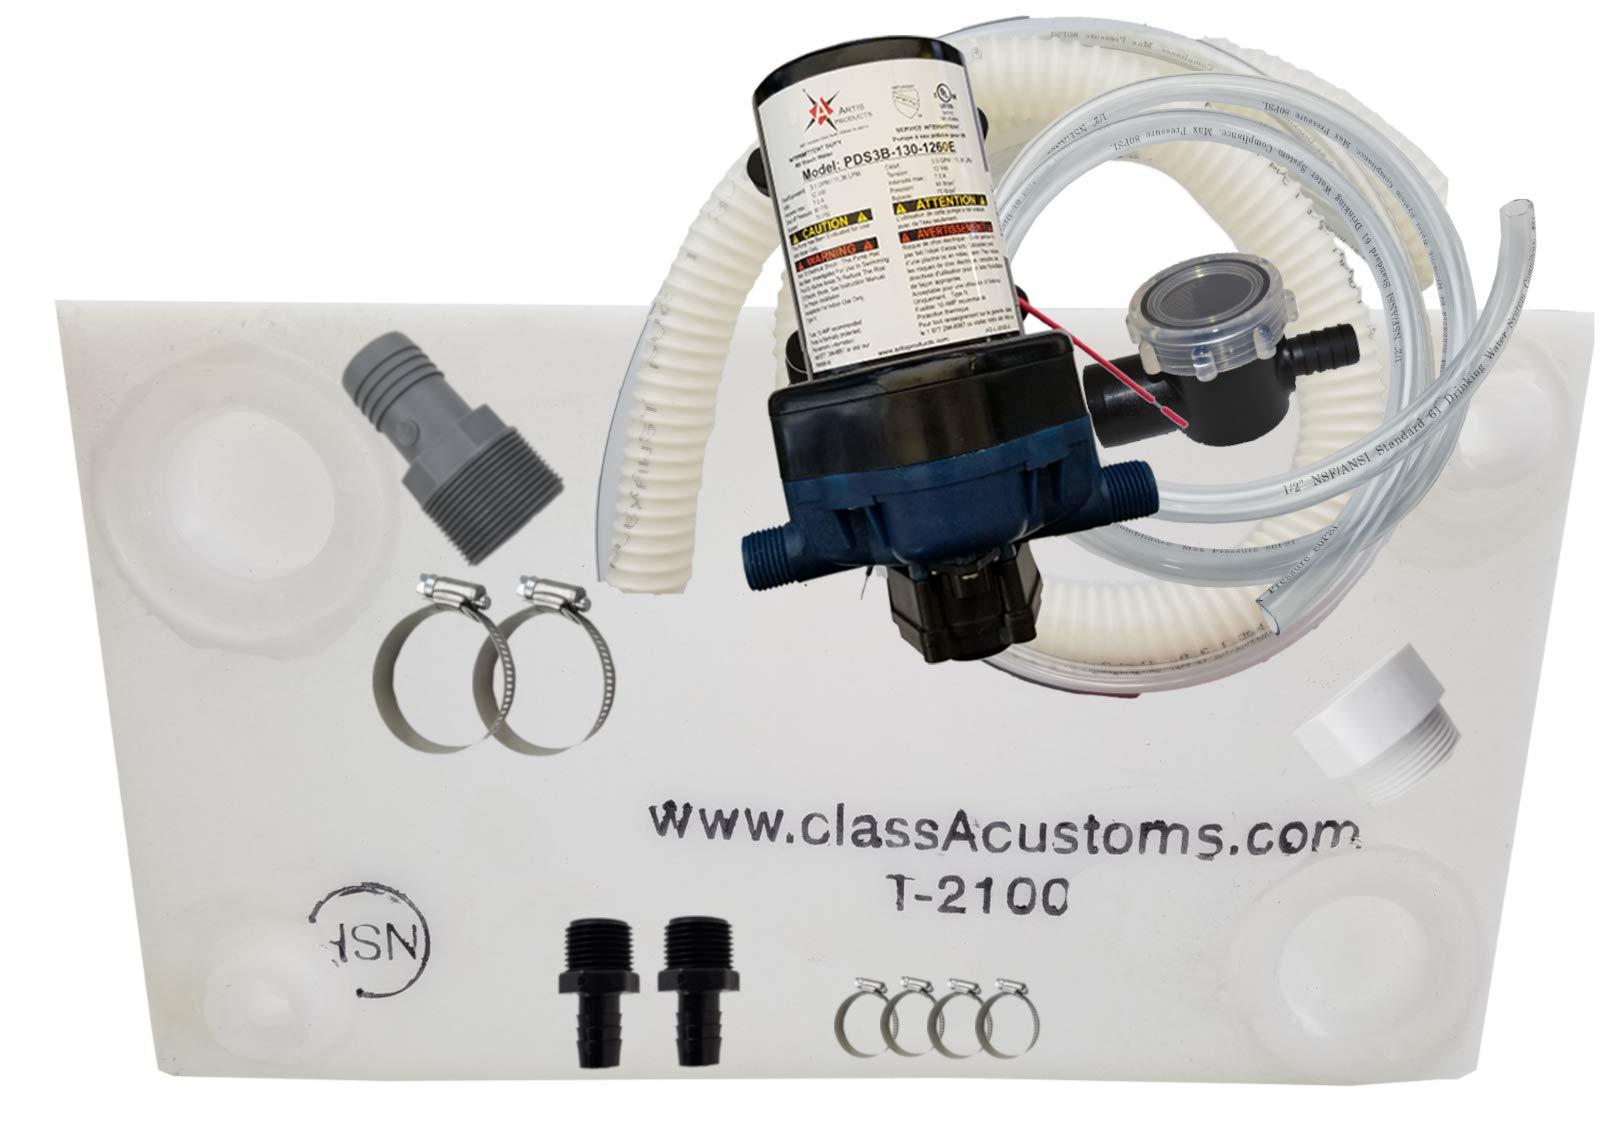 Class A Customs 21 Gallon Water Tank & Plumbing Kit & WFCO 12 Volt Pump T-2100-BPK-12WFCO by Class A Customs